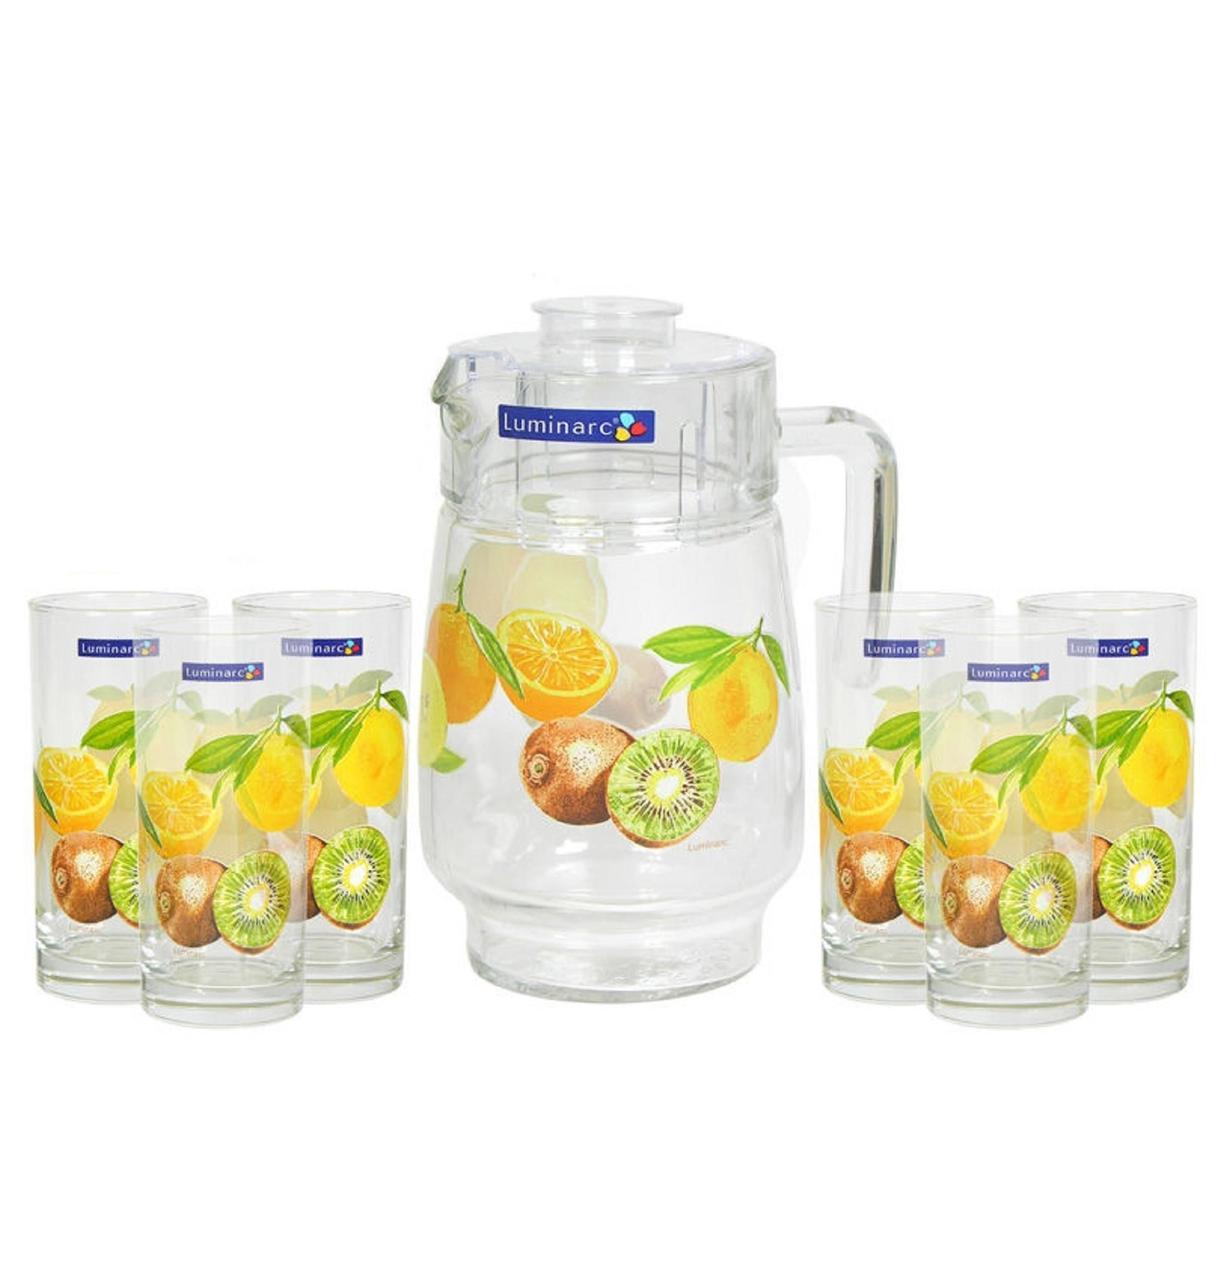 Графин со стаканами Luminarc Vitamine (7 предметов)